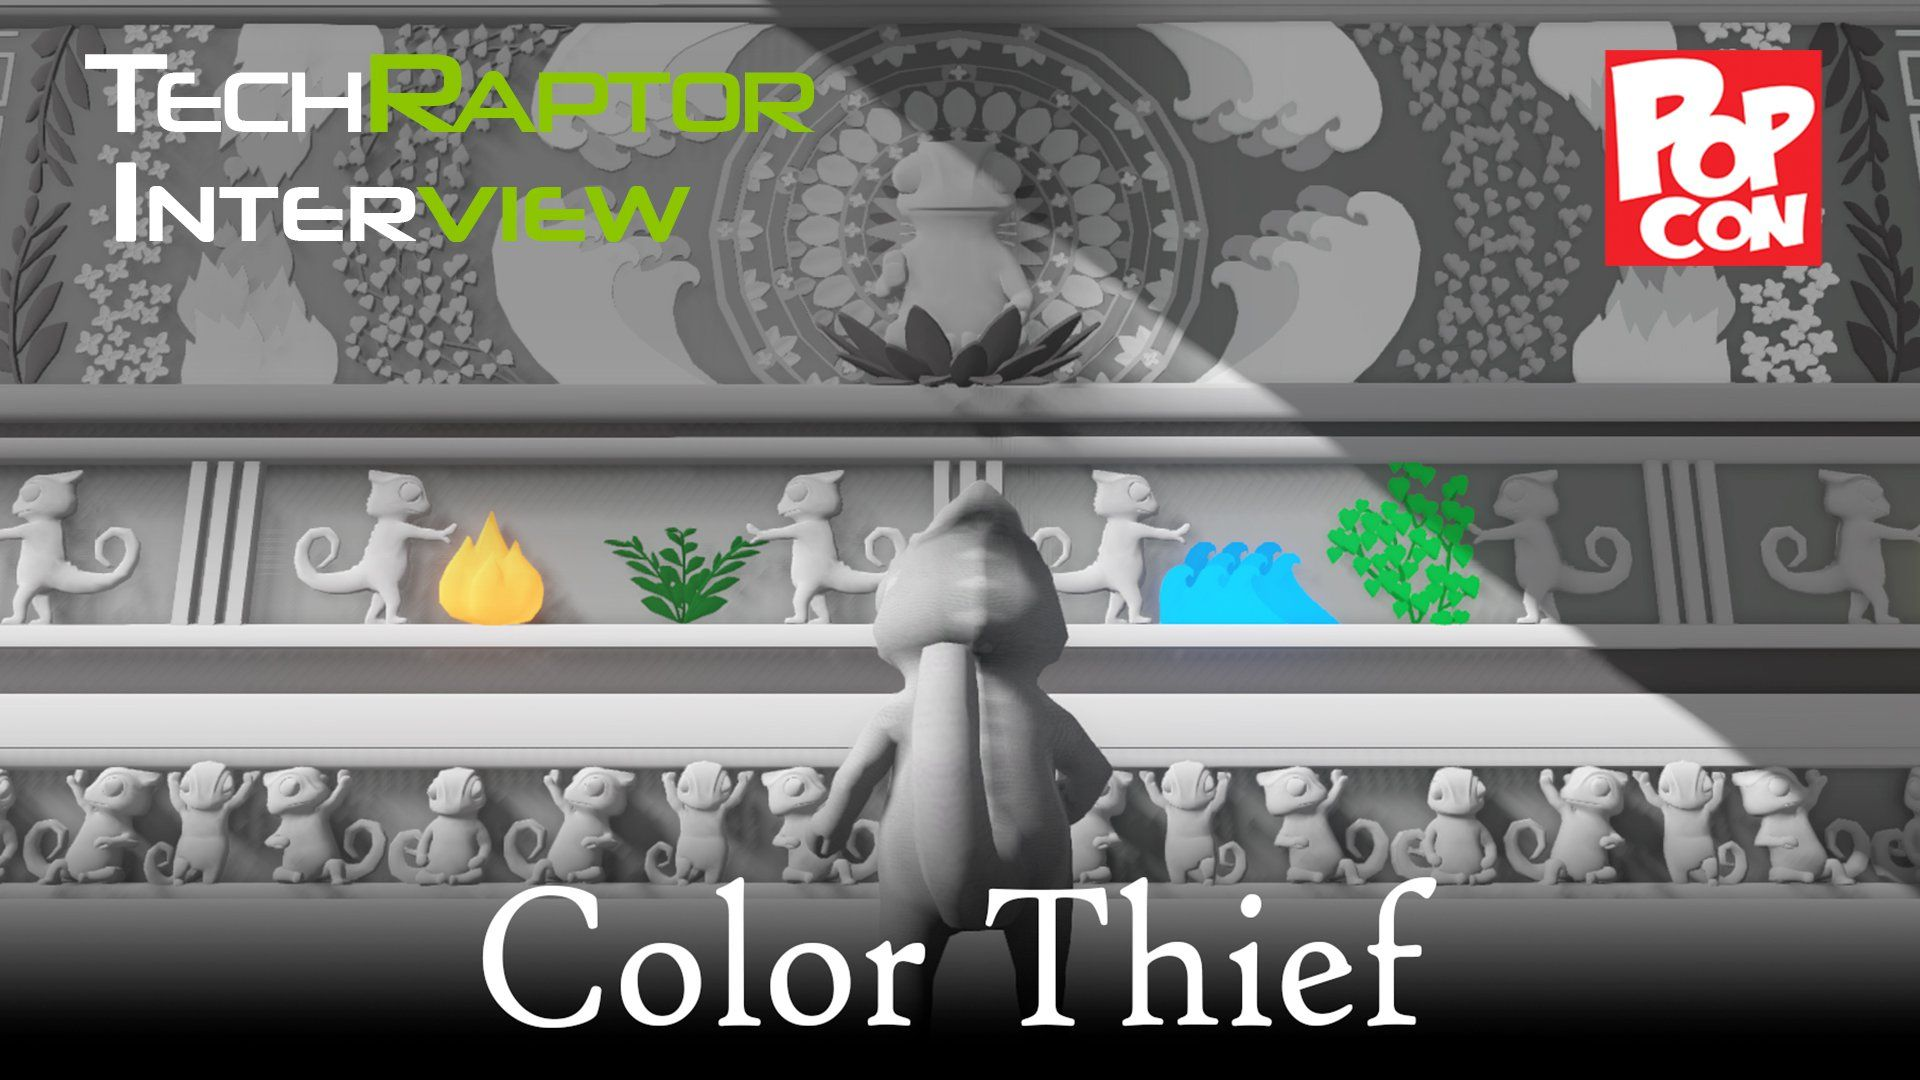 Indy PopCon 2016 - Color Thief - http://techraptor.net/content/indy-popcon-2016-color-thief | Gaming, Interviews, Videos